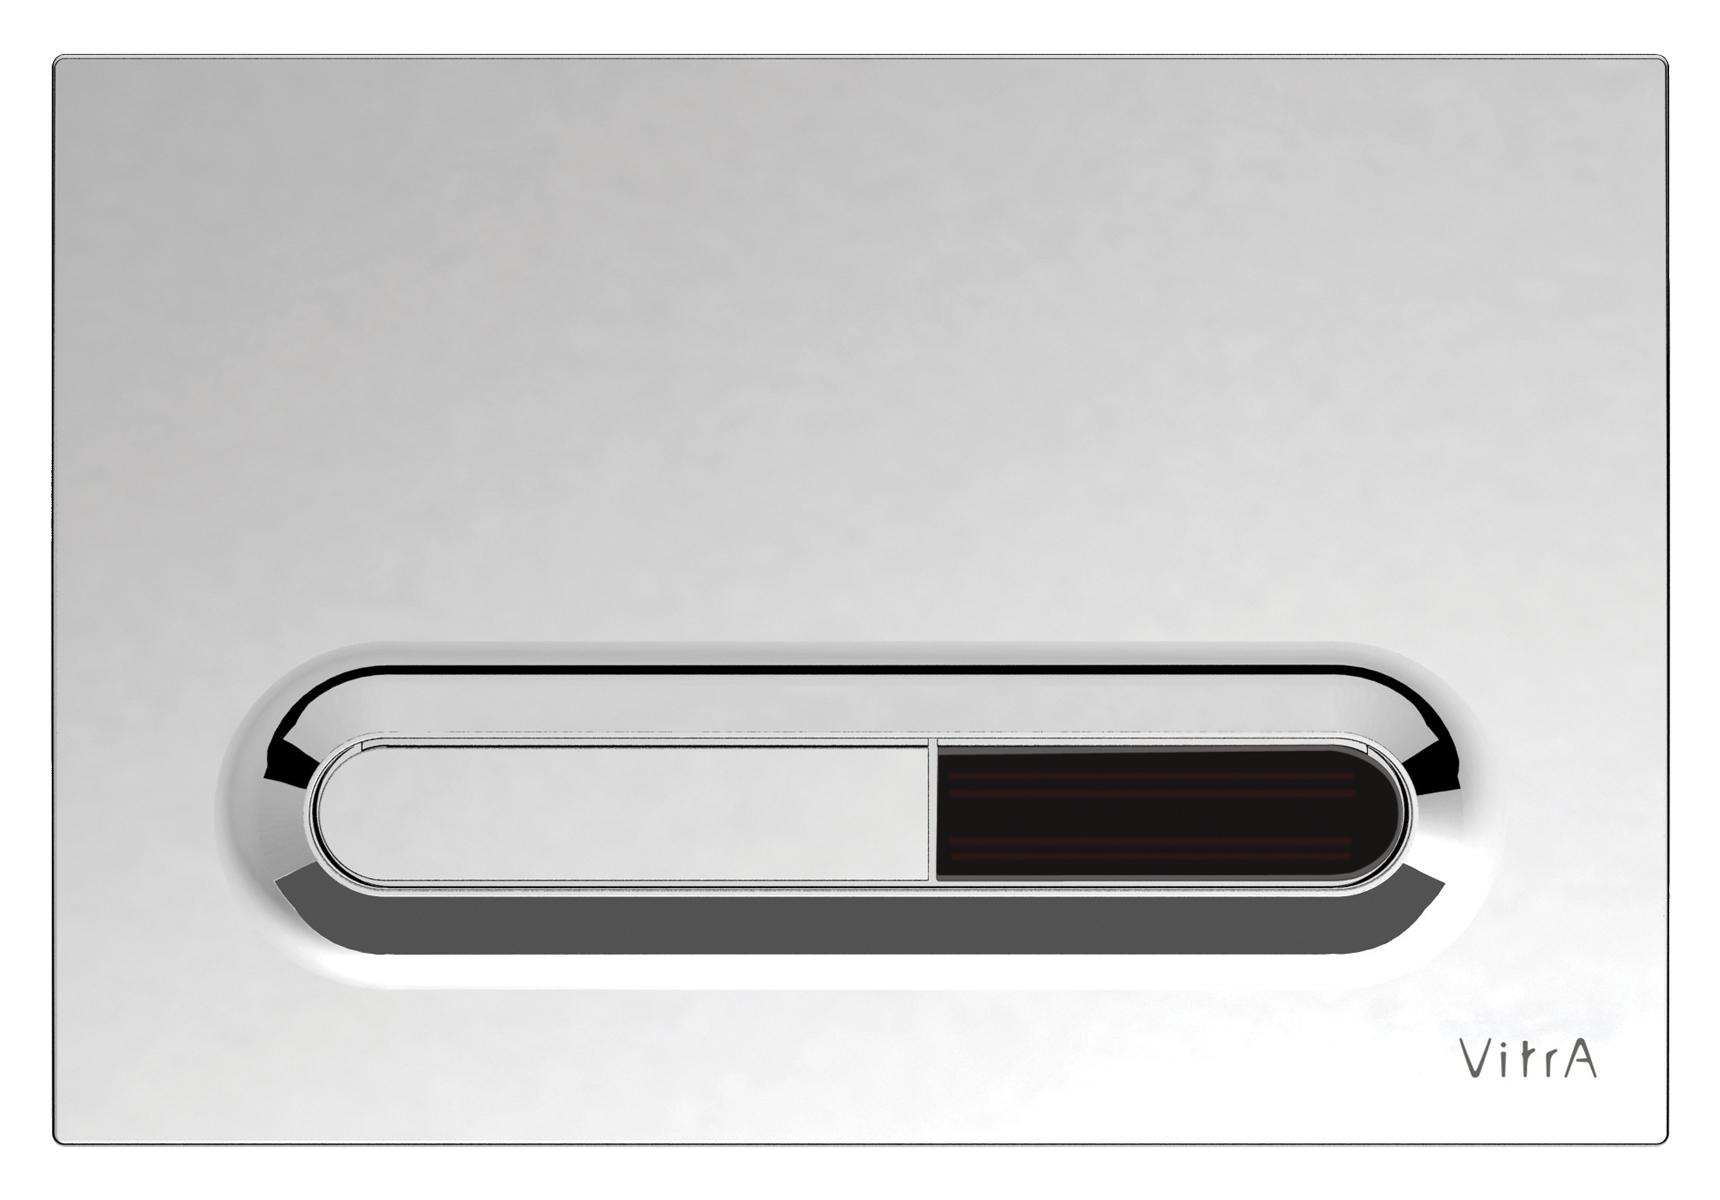 Loop T, photocellule, panneau de commande 3/6 l, modèle mecanique, chromé